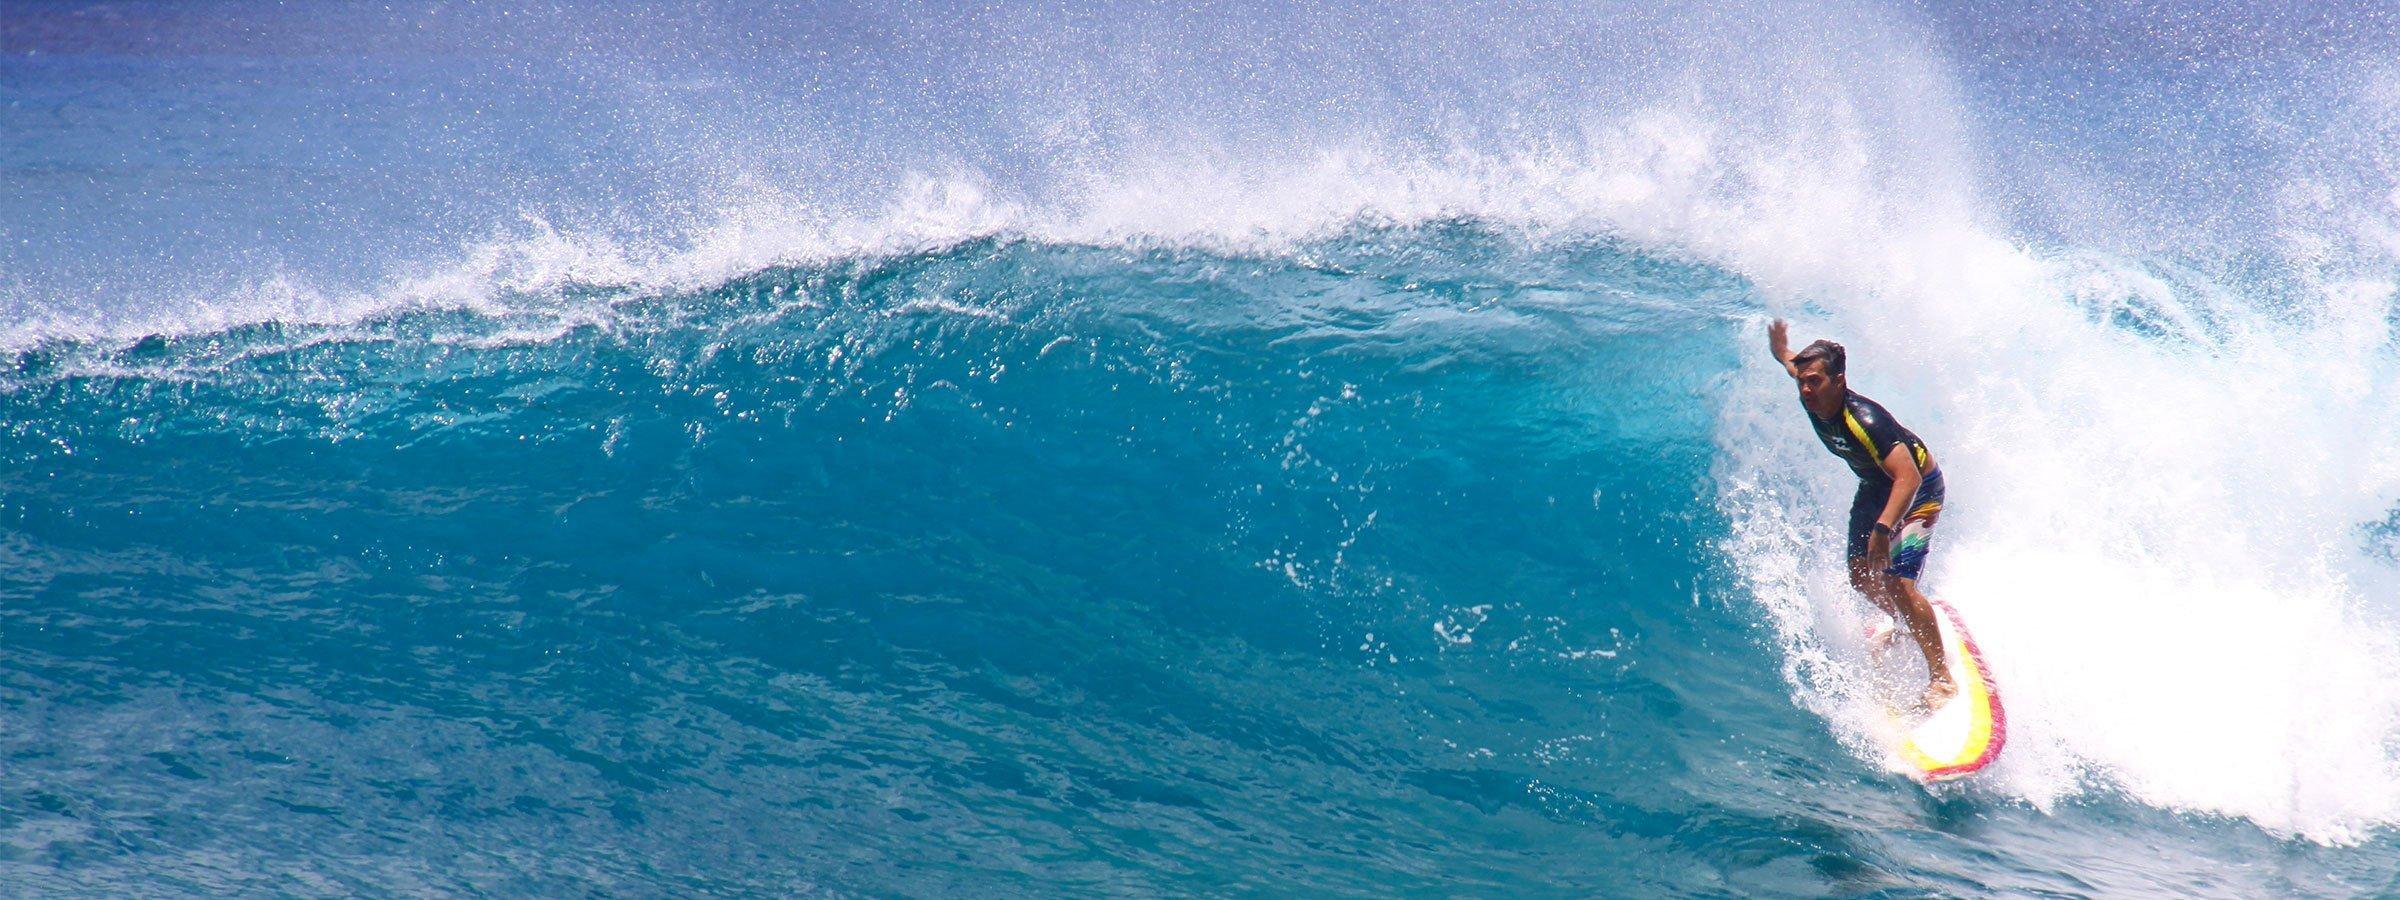 craig-canubida_Wave-rocket_xanadu_web